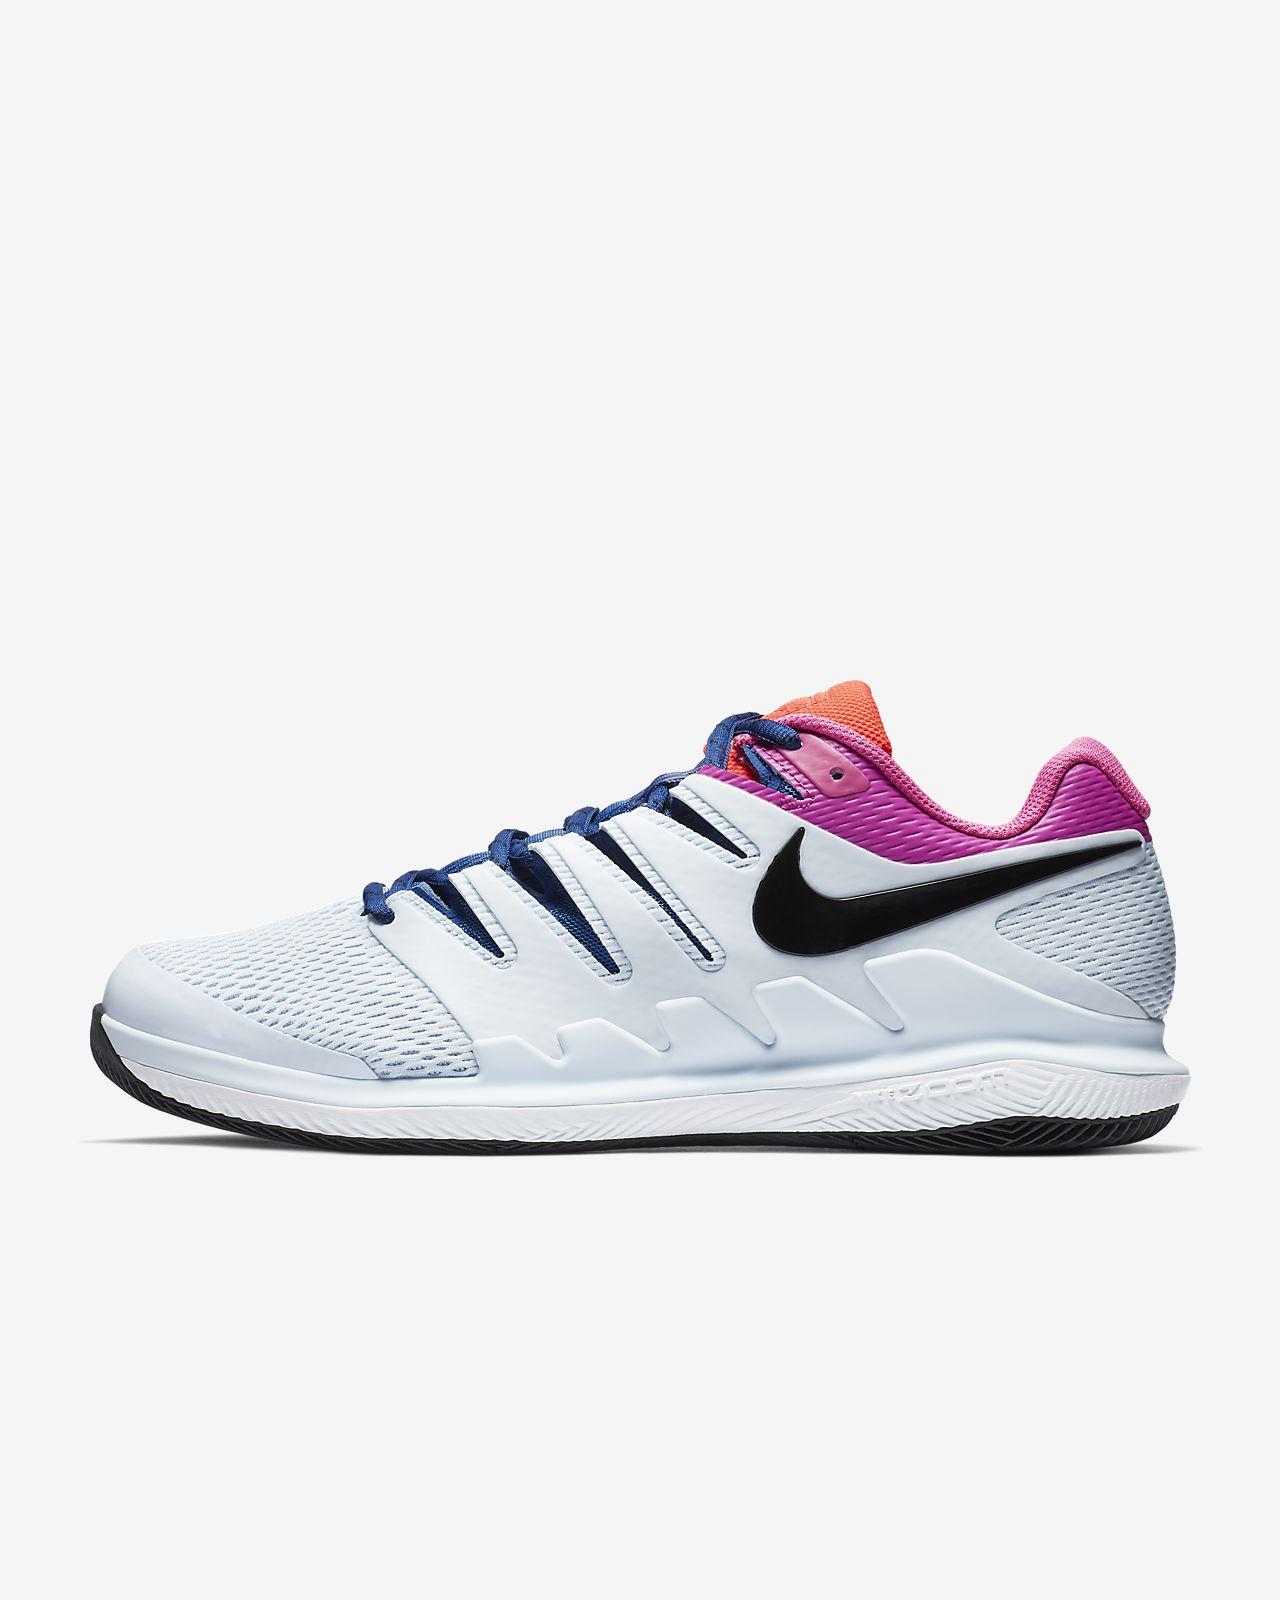 newest 5d2f7 bd22f ... Chaussure de tennis pour surface dure NikeCourt Air Zoom Vapor X pour  Homme